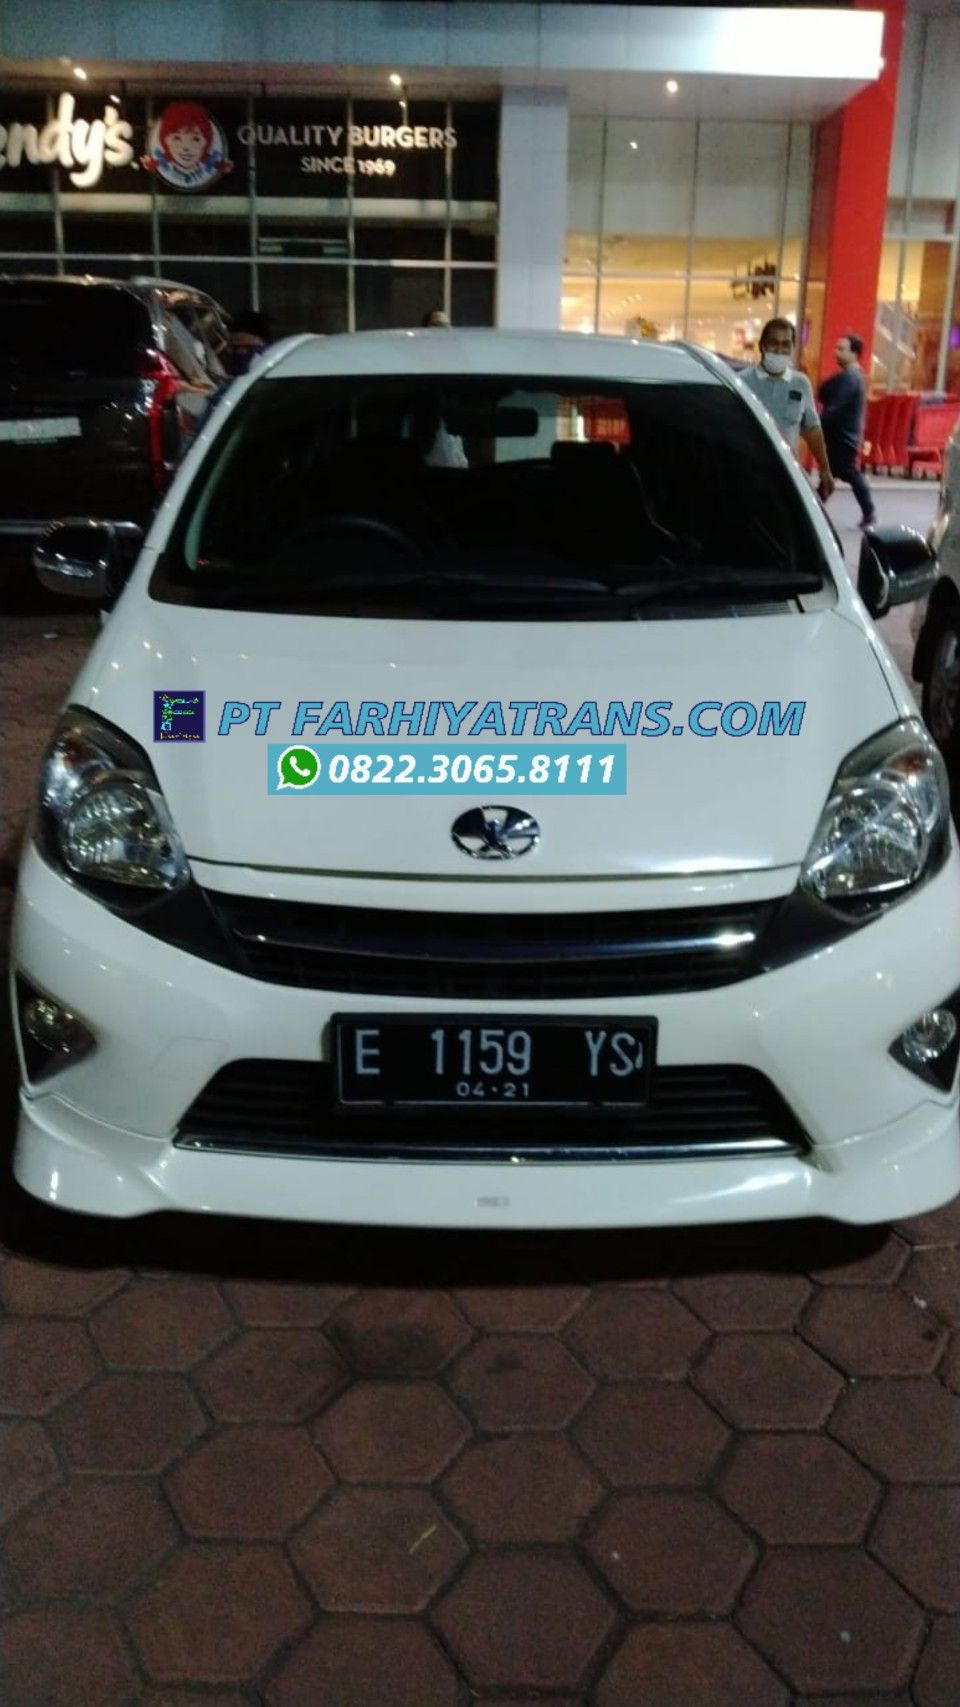 Tarif Ongkos Biaya Kirim Mobil Jakarta Banjarmasin Ekspedisi Farhiyatrans Mobil Kendaraan Labuan